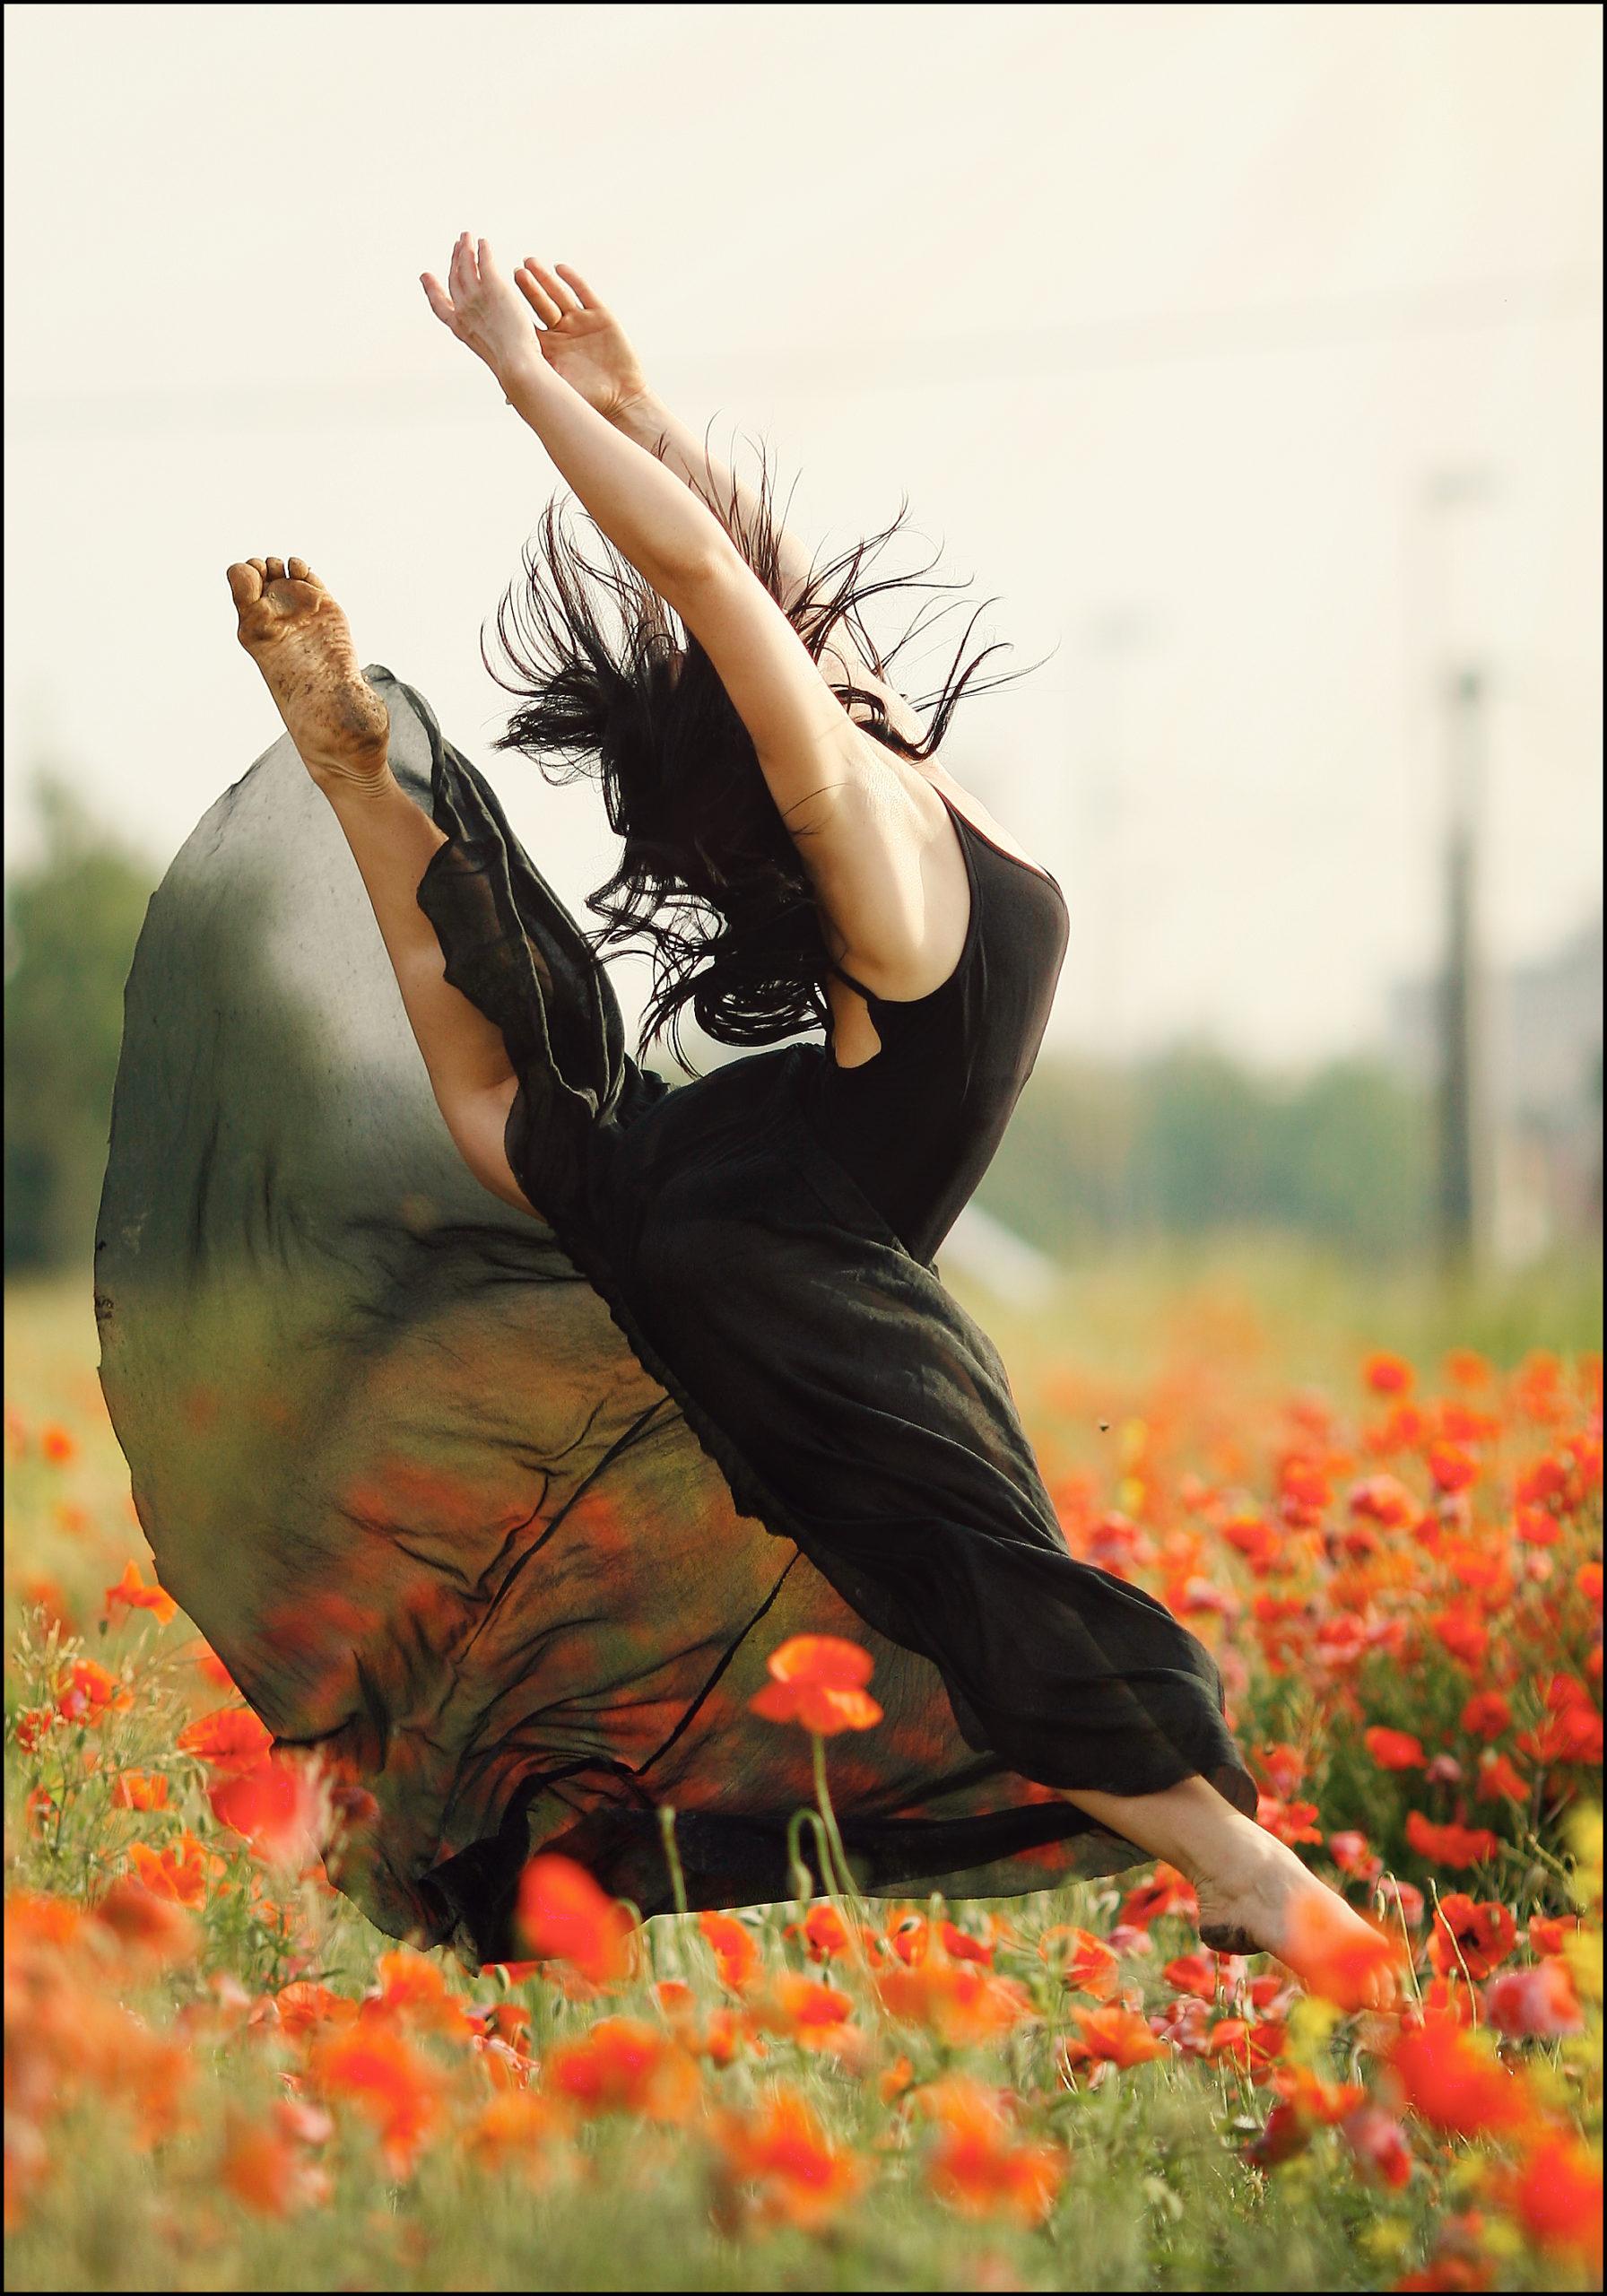 Izložba fotografija povodom Svjetskog dana plesa